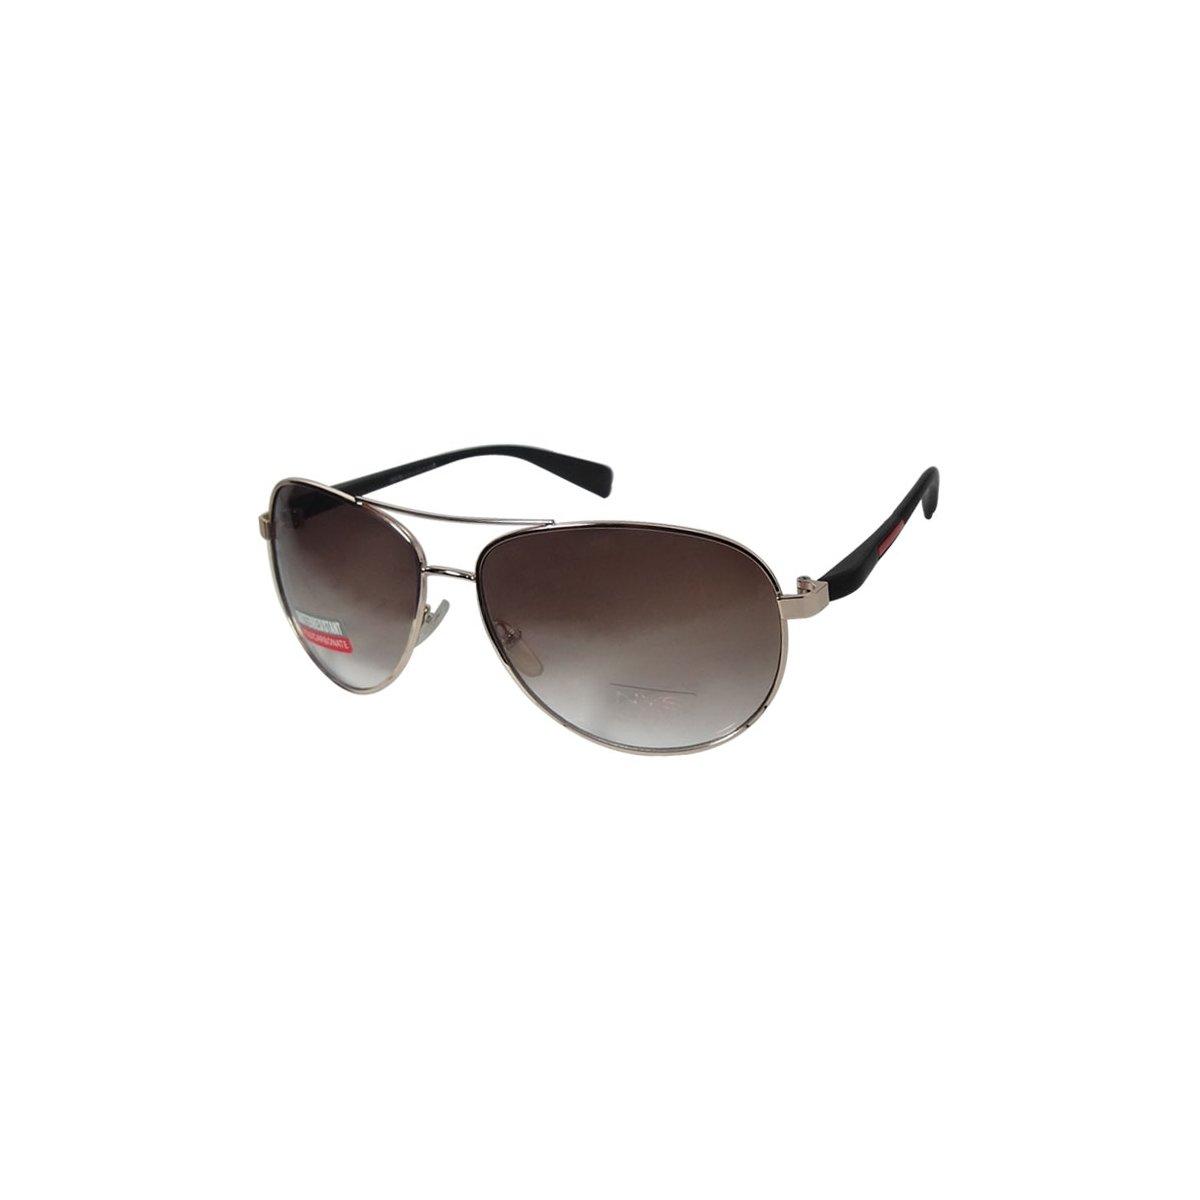 c0600a928 Óculos de Sol NYS Collection 79-4109 - Compre Agora | Zattini